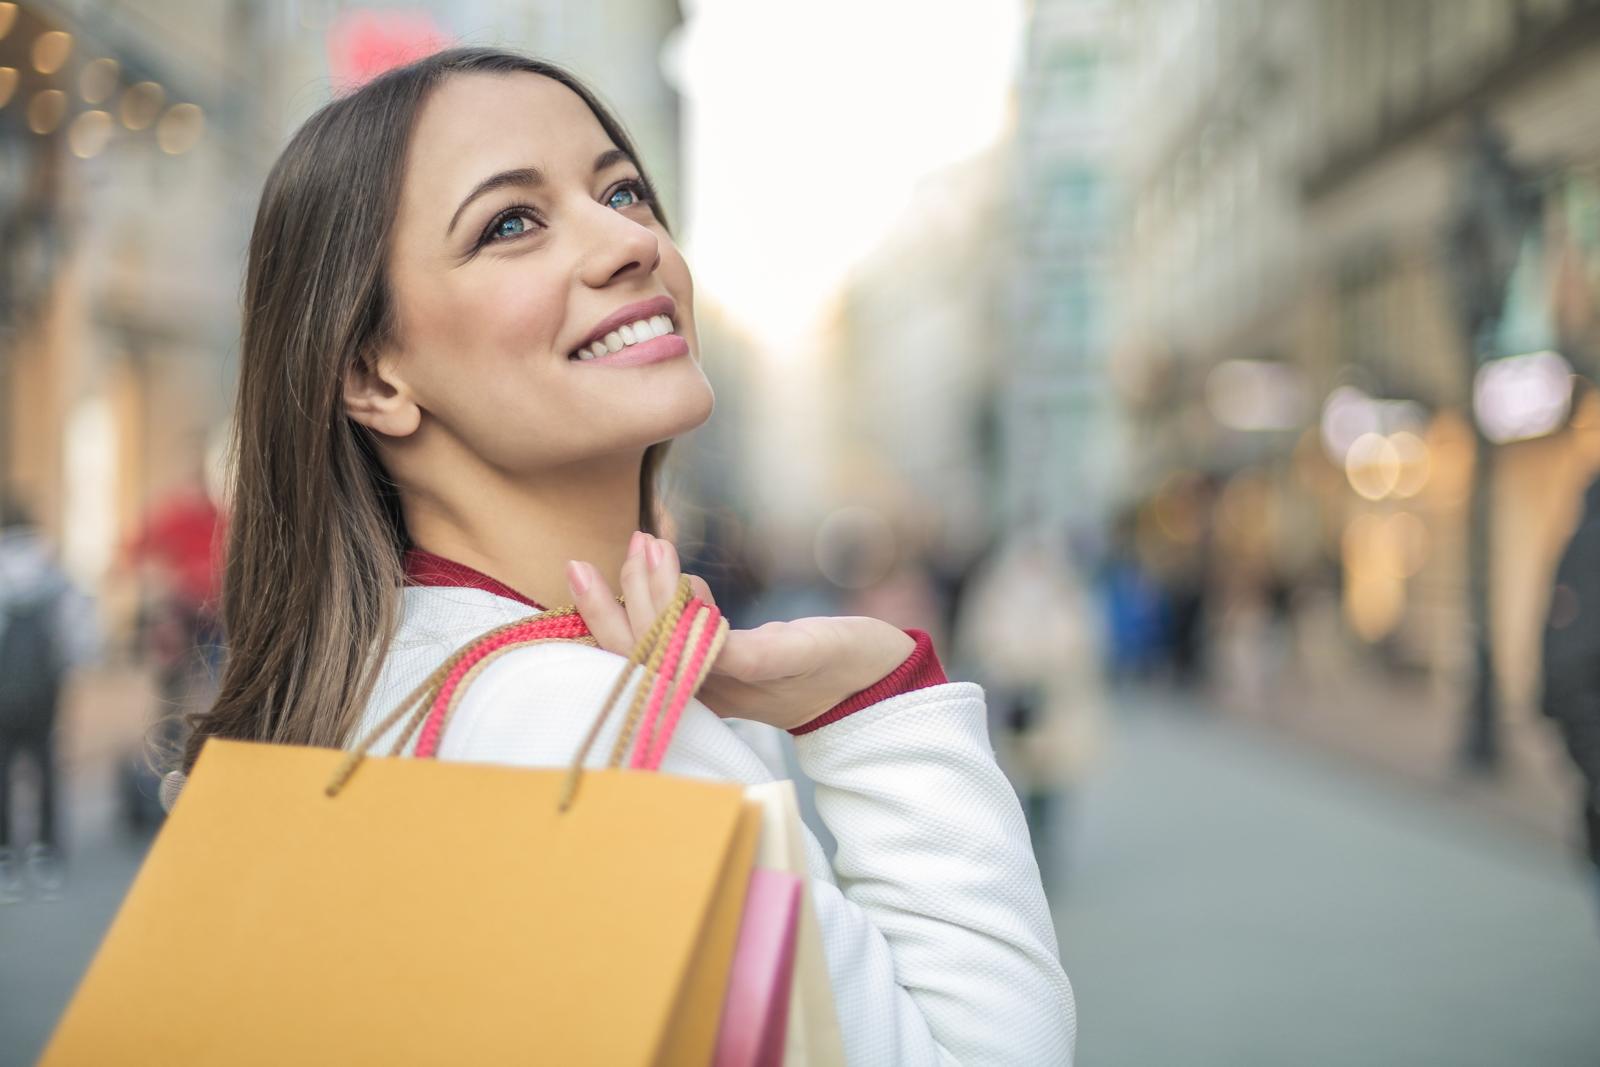 買い物袋を持つ笑顔の女性